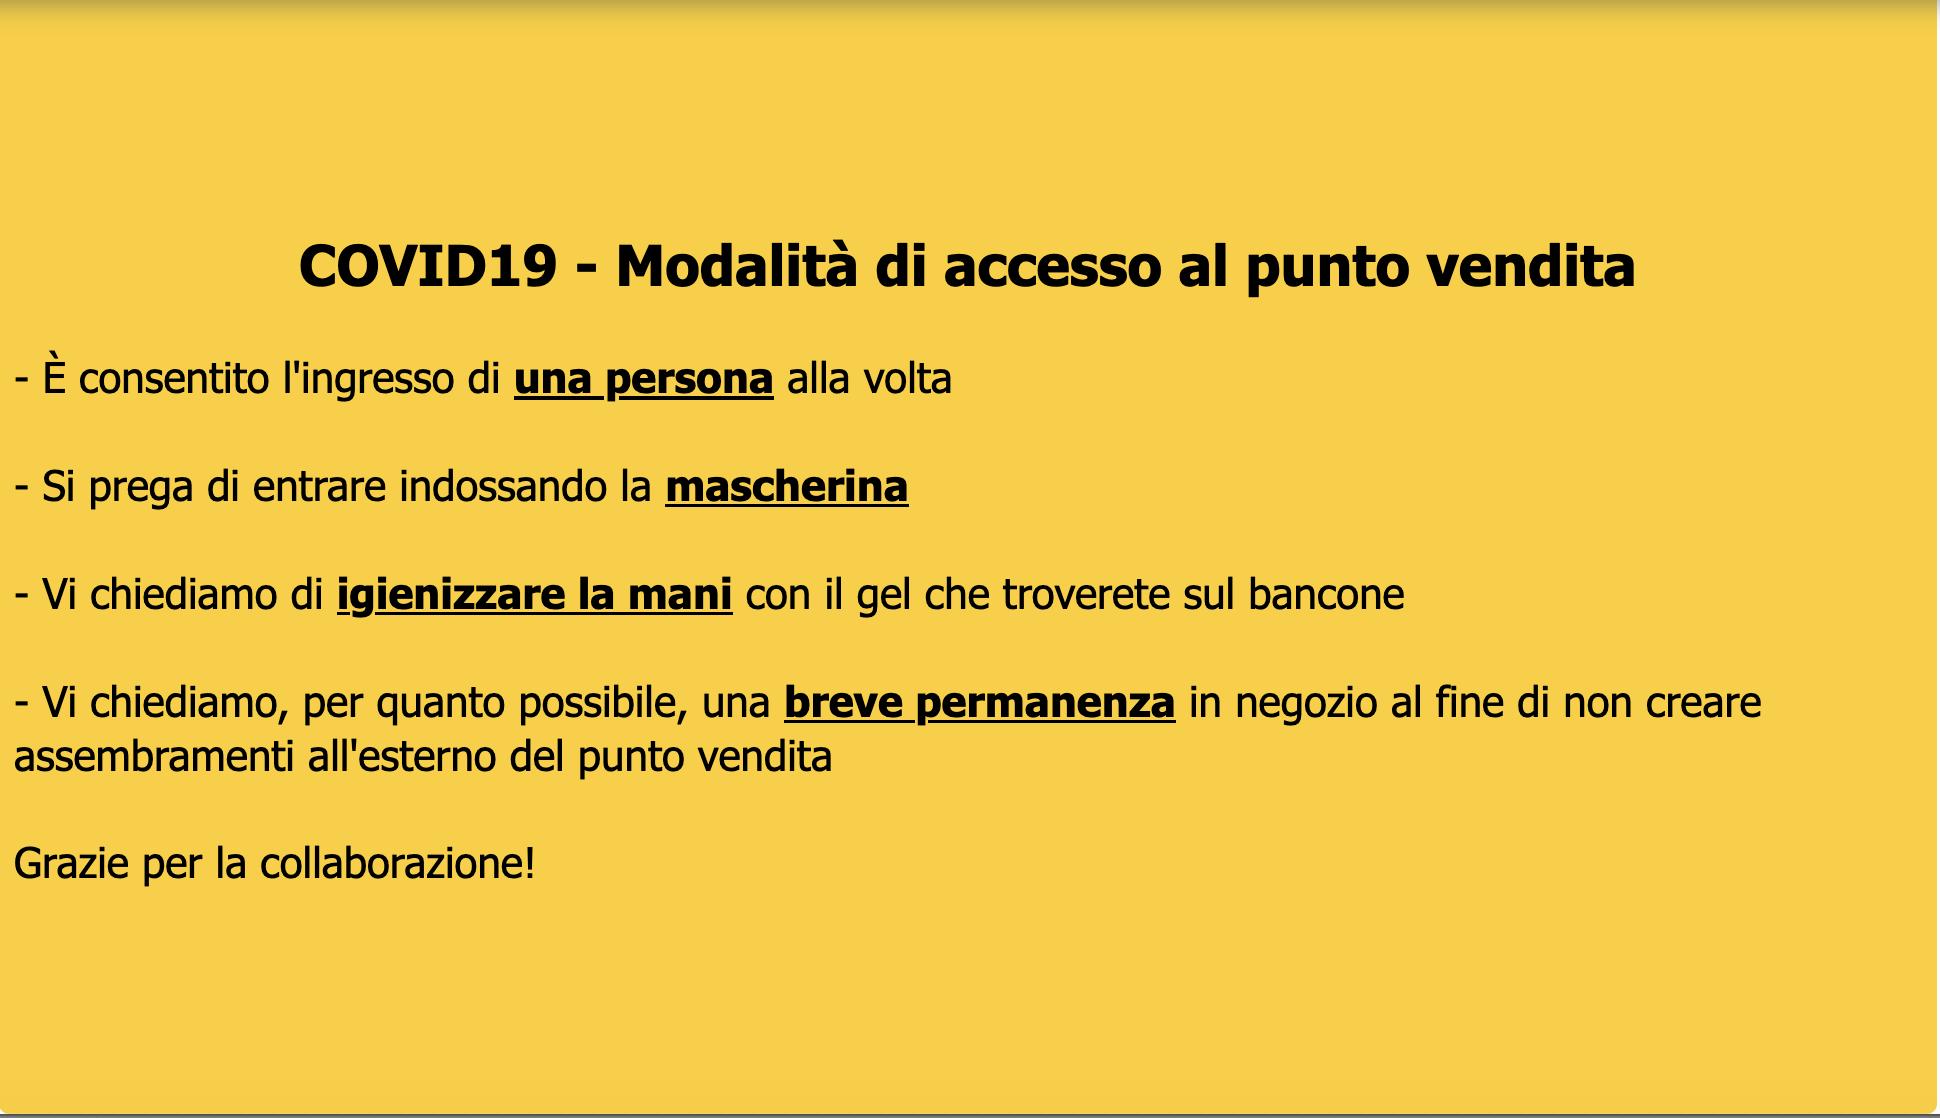 Modalità di accesso al punto vendita - COVID19